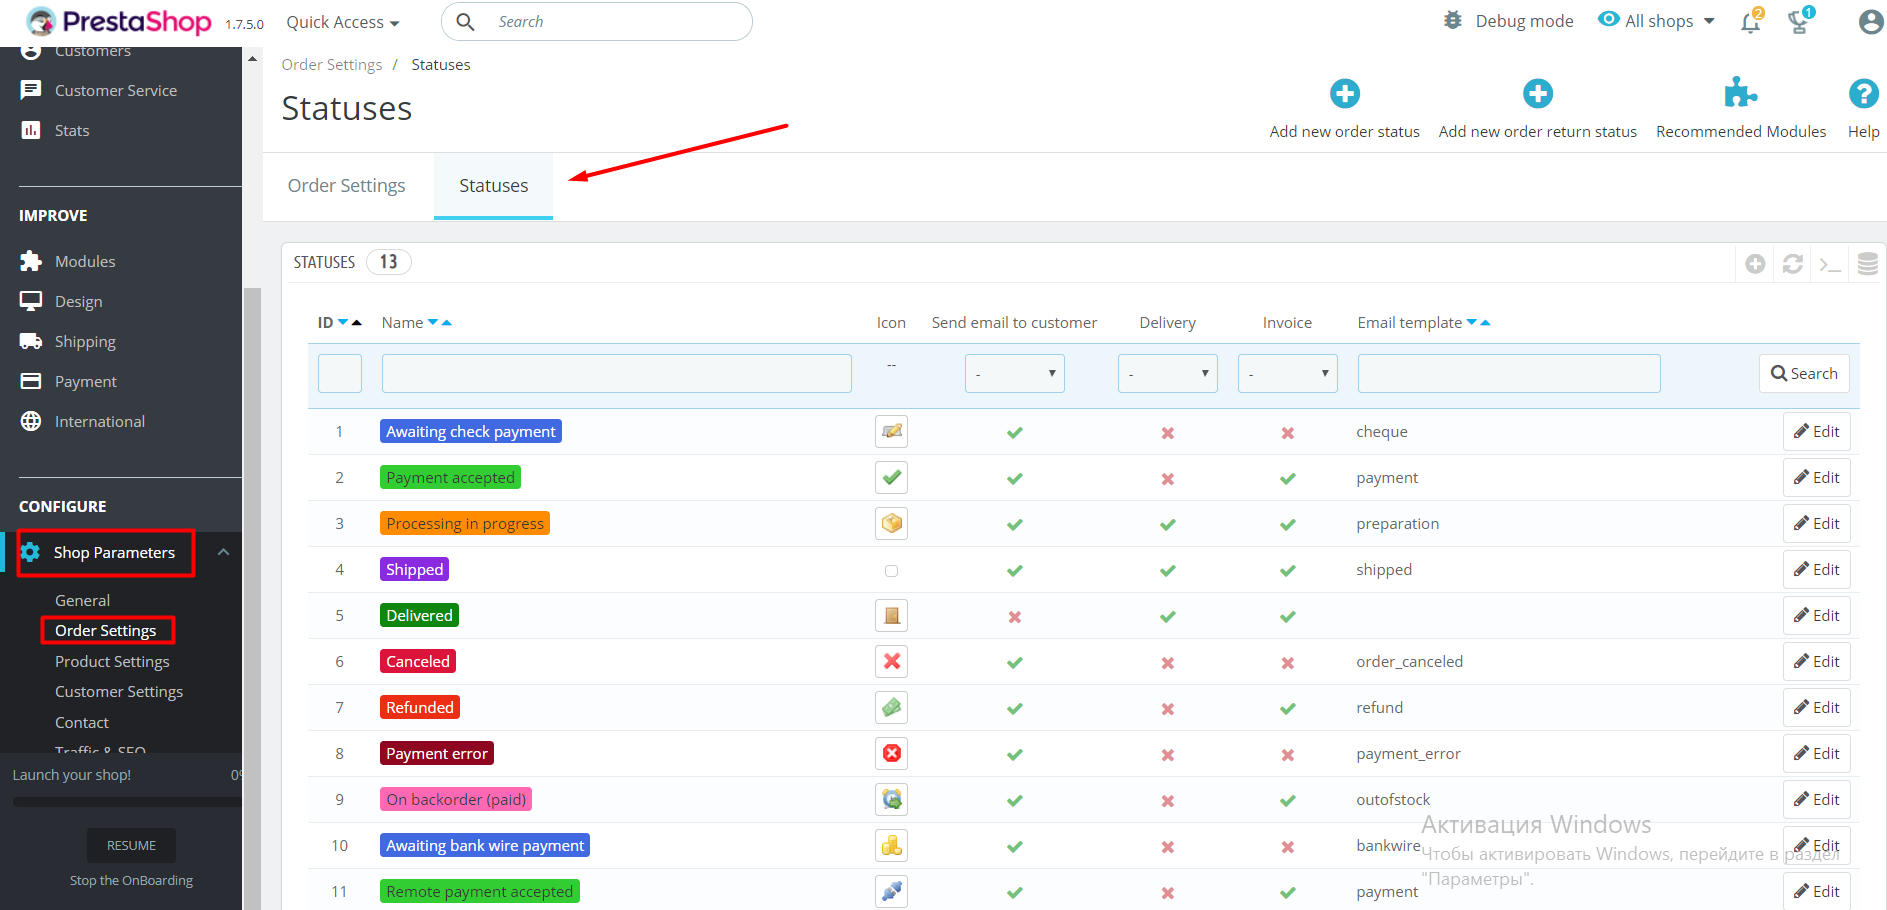 PrestaShop 1.7.5 order statuses configuration